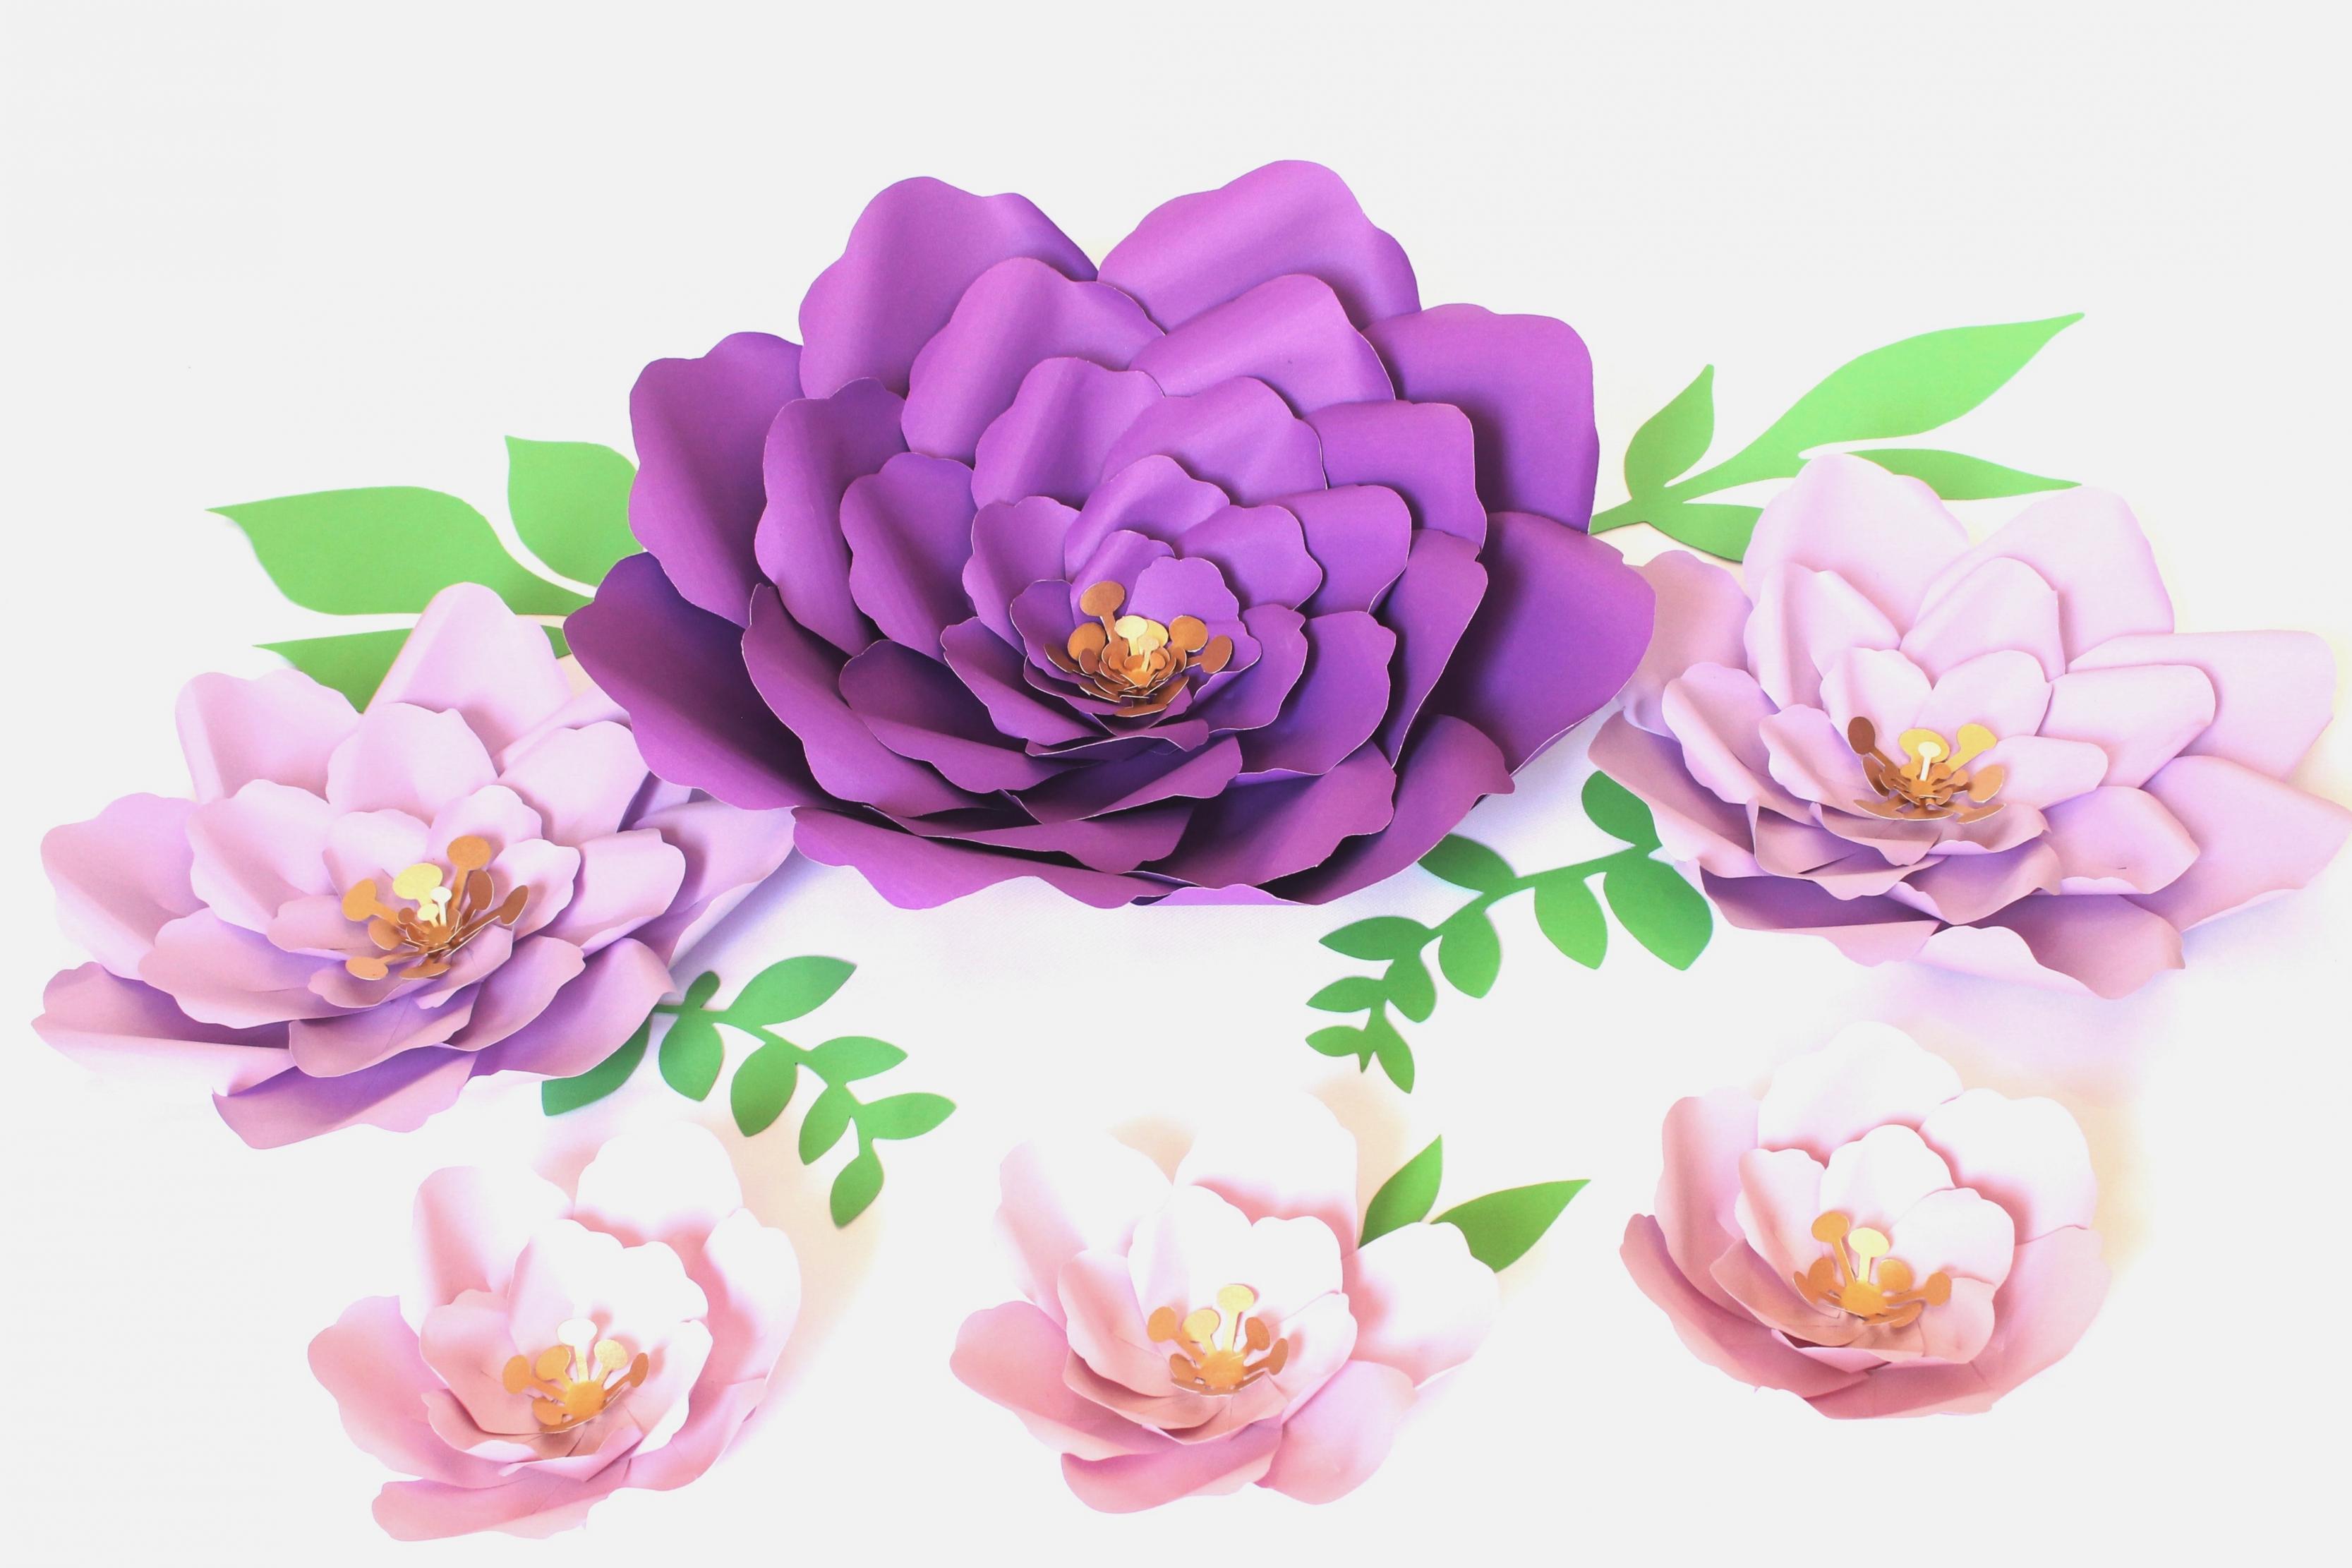 بالصور صور ورد حلوه , احلى باقه صور من الورود 6161 8